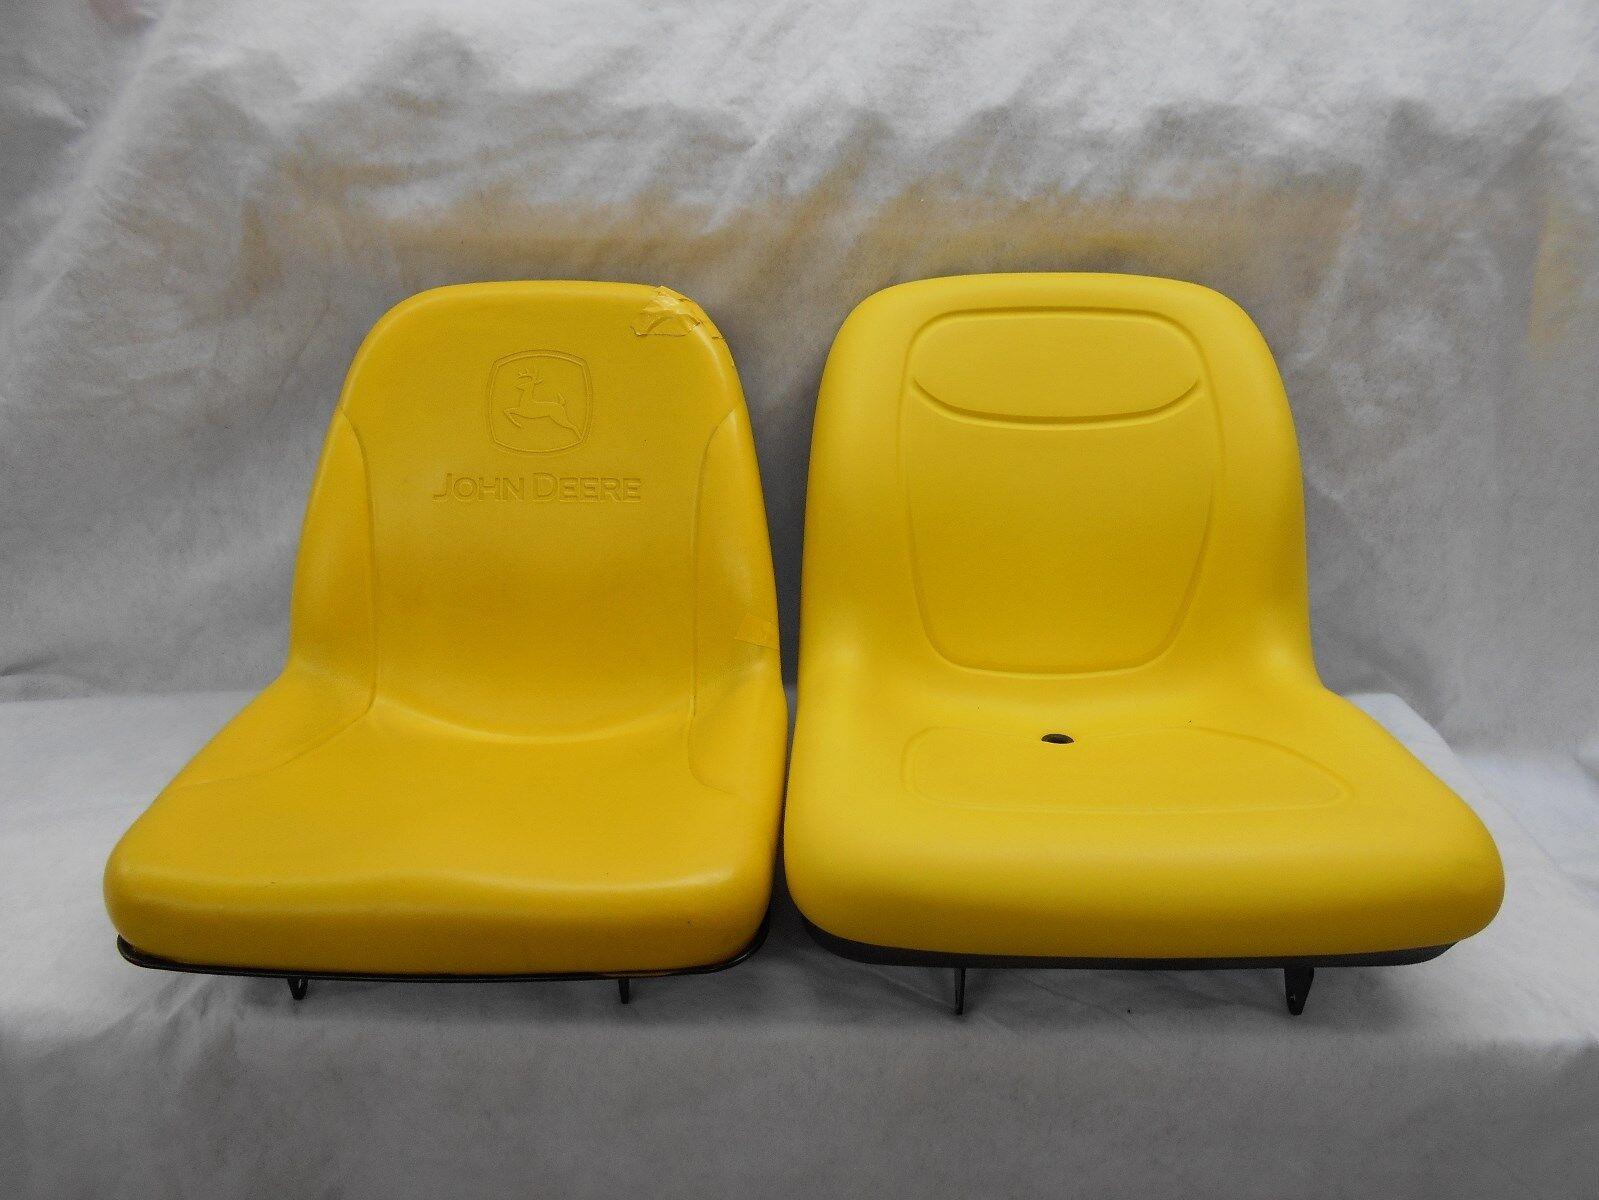 YELLOW SEAT JOHN DEERE COMPACT TRACTORS 2305 2320,2520,2720,